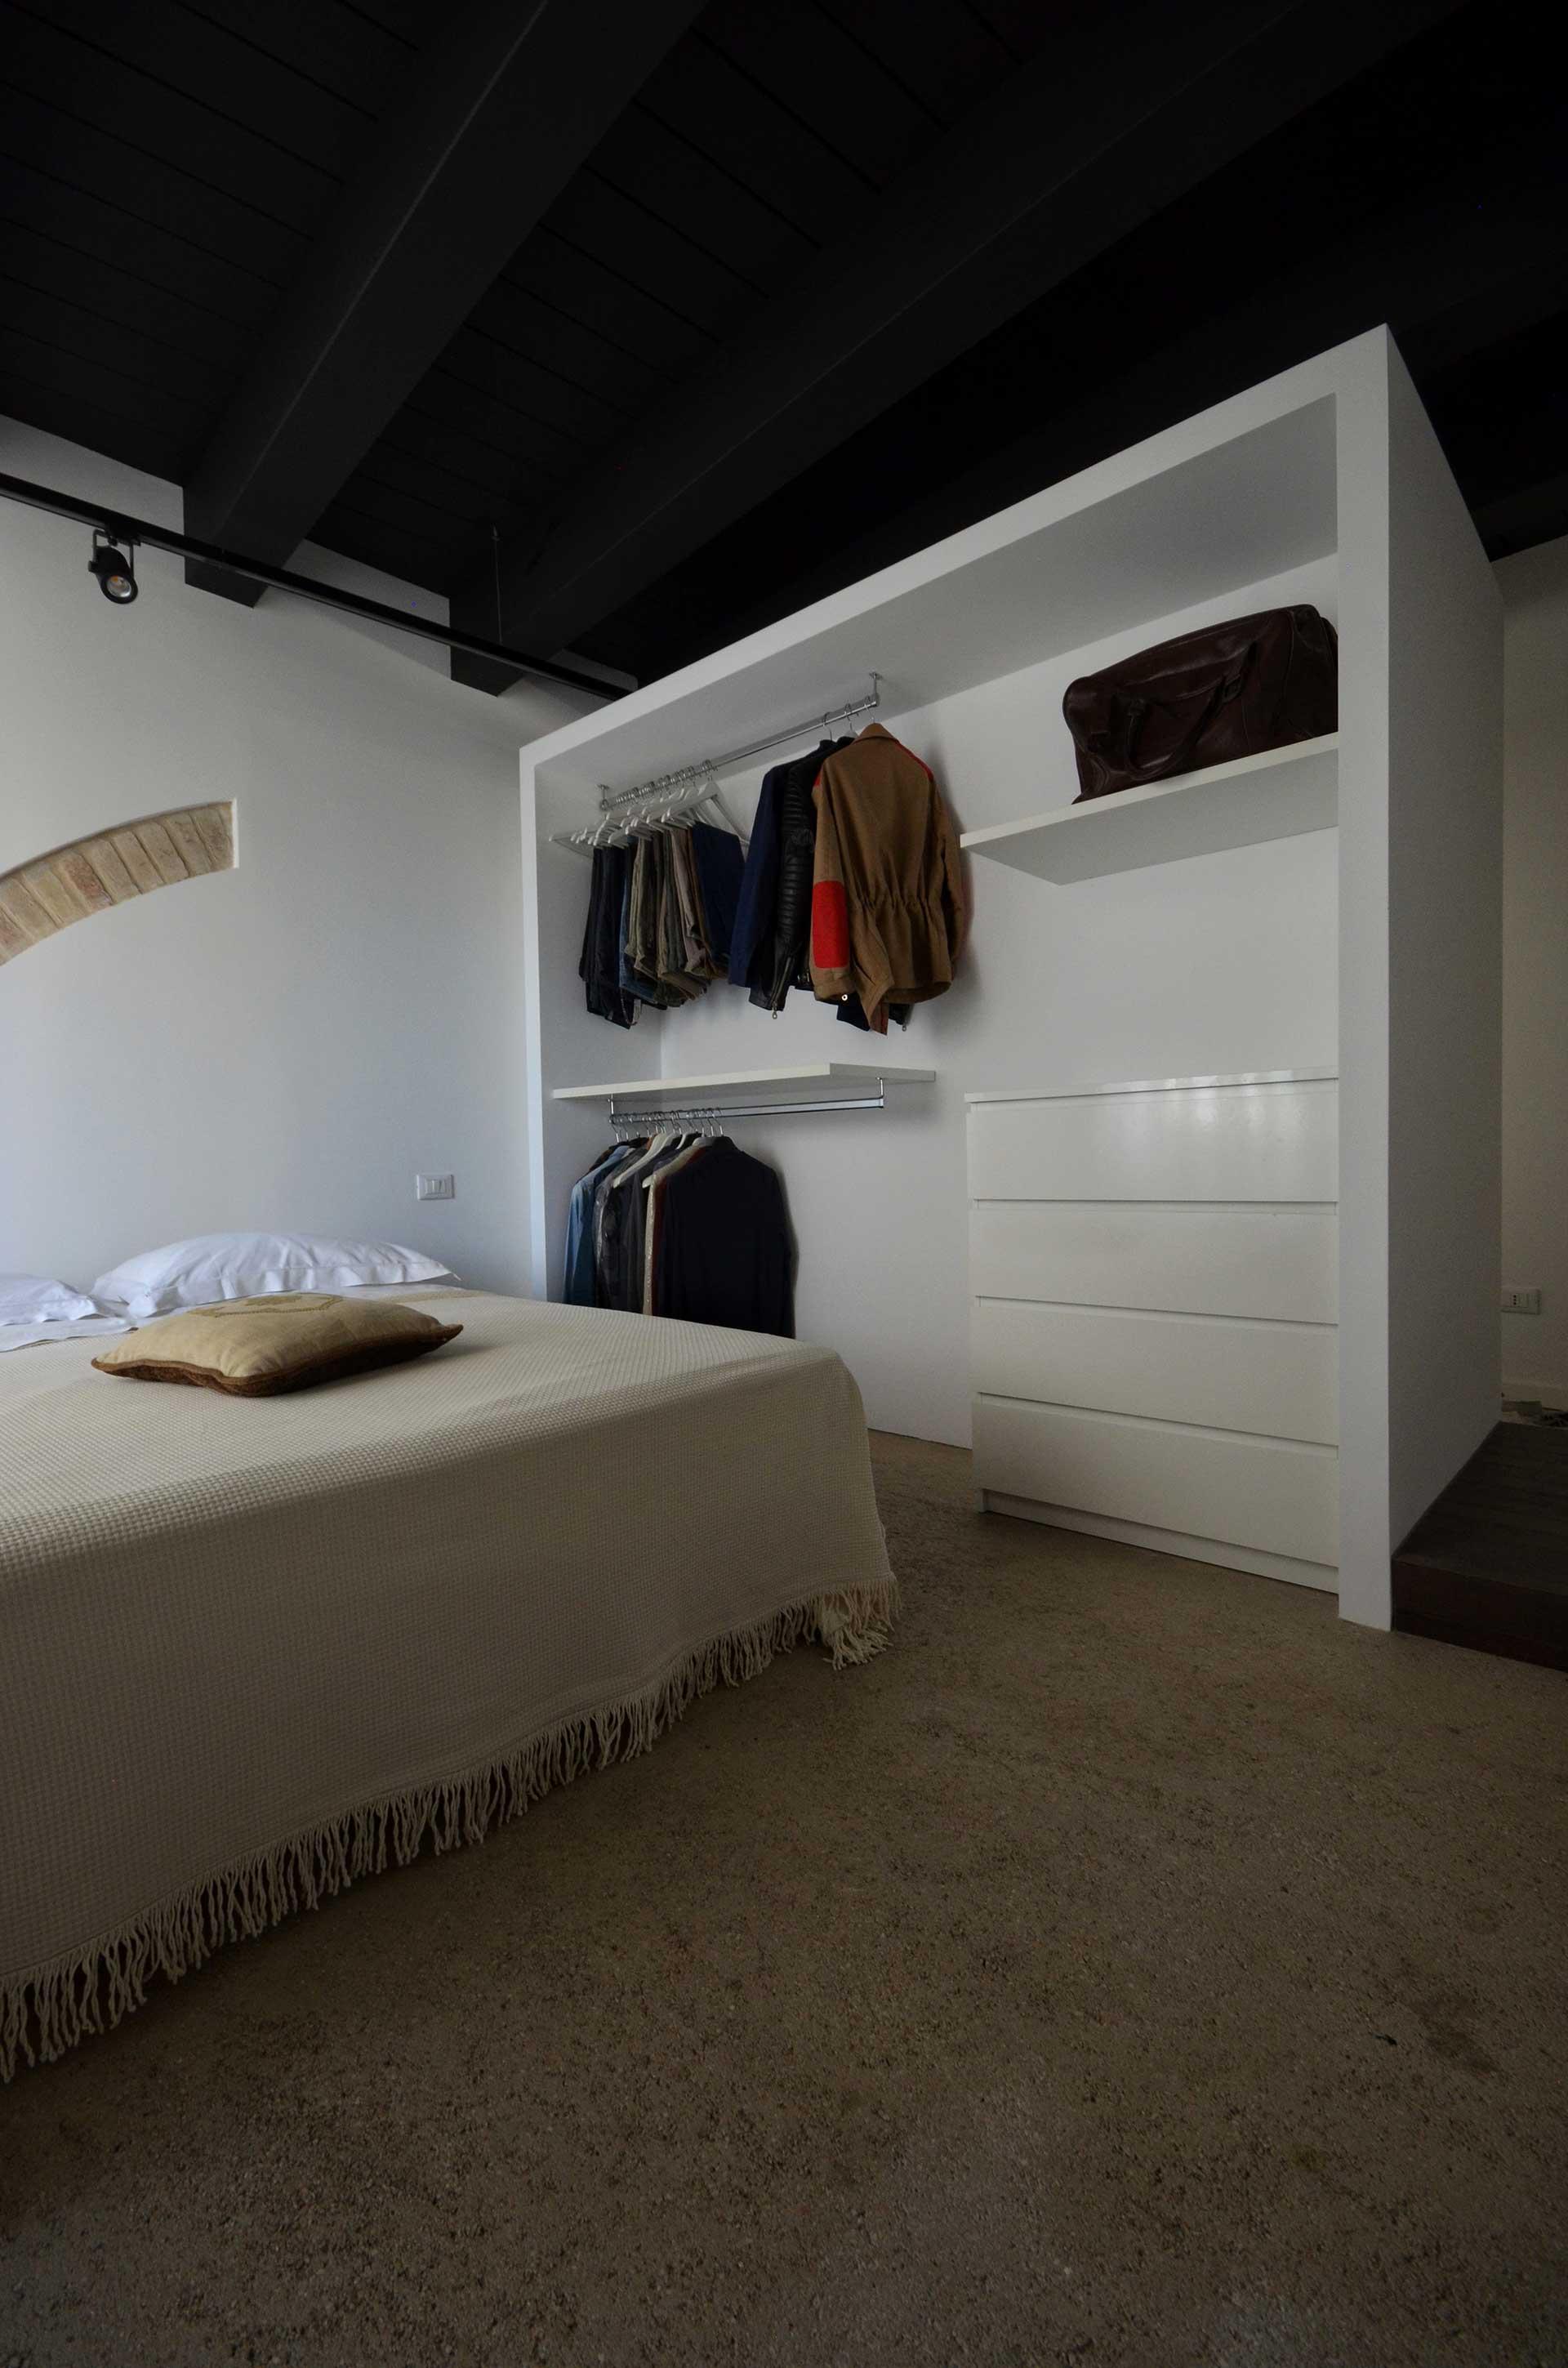 casa CM127. Vista della cabina armadio e del sistema di illuminazione che caratterizza interamente gli ambienti. Un soffitto vecchio ligneo tinteggiato nero opaco e un binario con faretti ptoiettori.